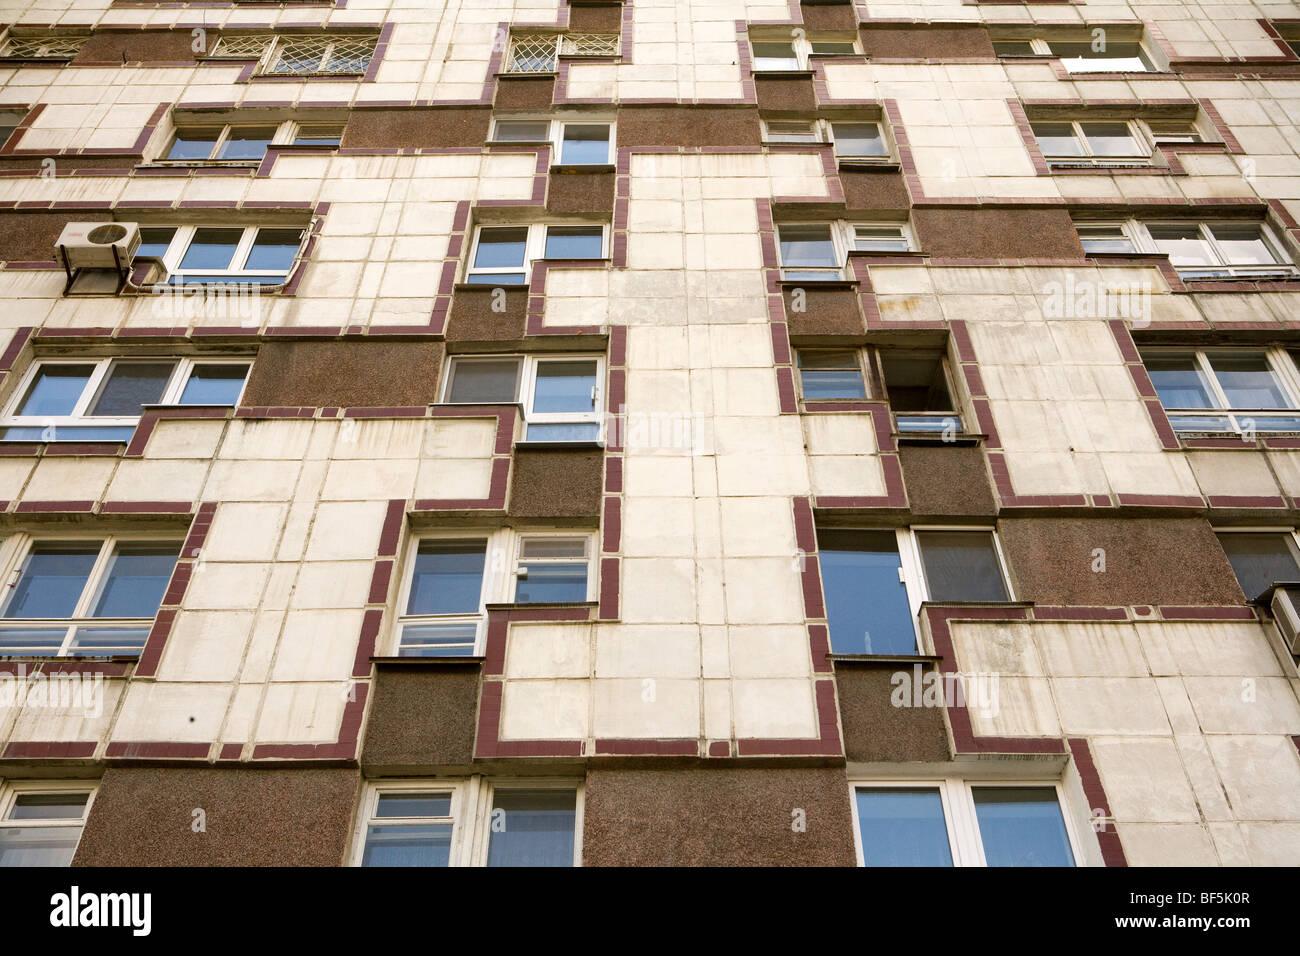 Soviet era apartment block, Yekaterinburg - Stock Image